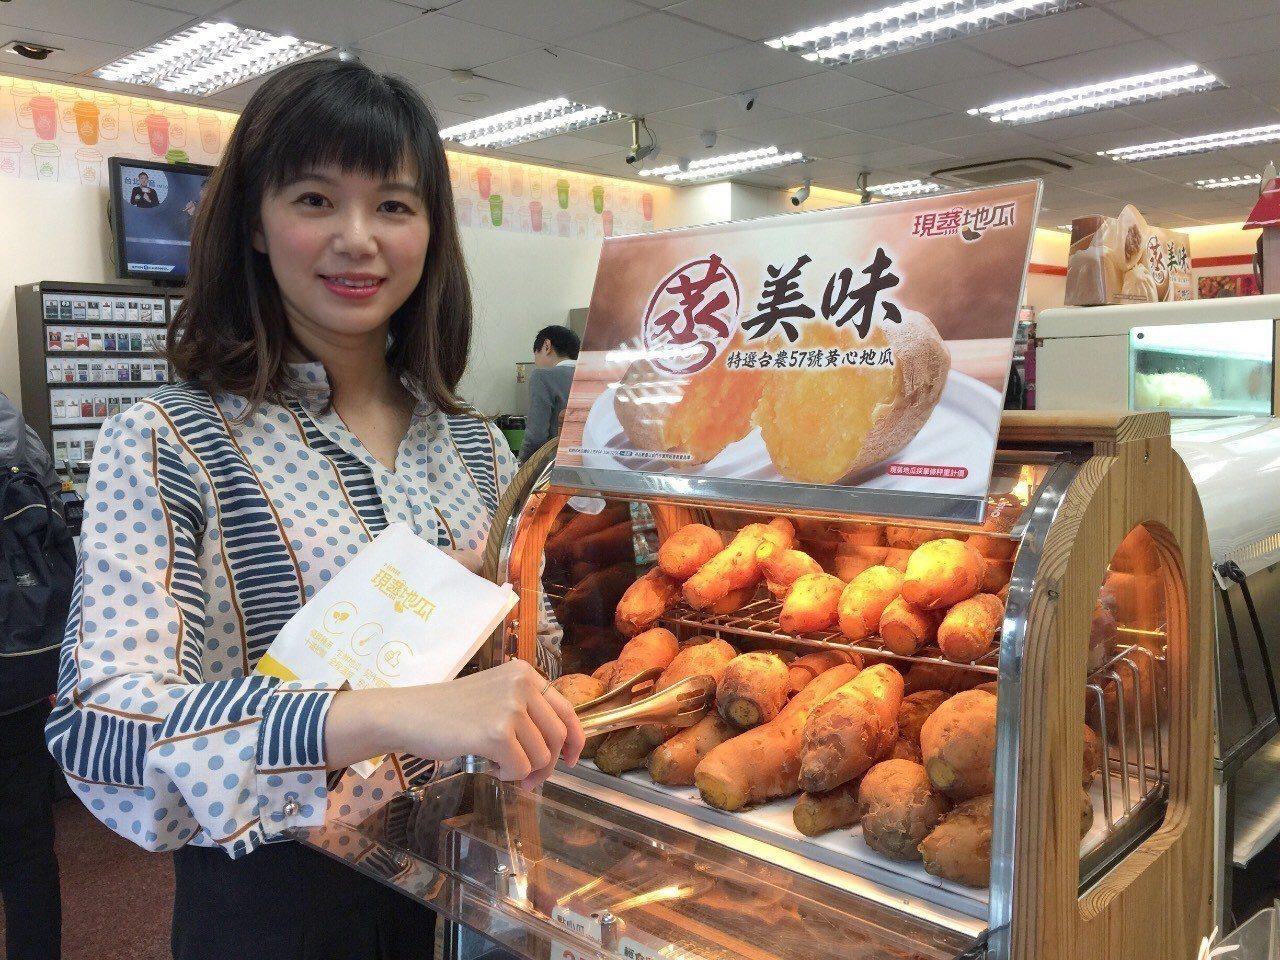 統一超商販售的「現蒸地瓜」一直是超商的熱銷商品,有些門市每天吸引超過200人次前...